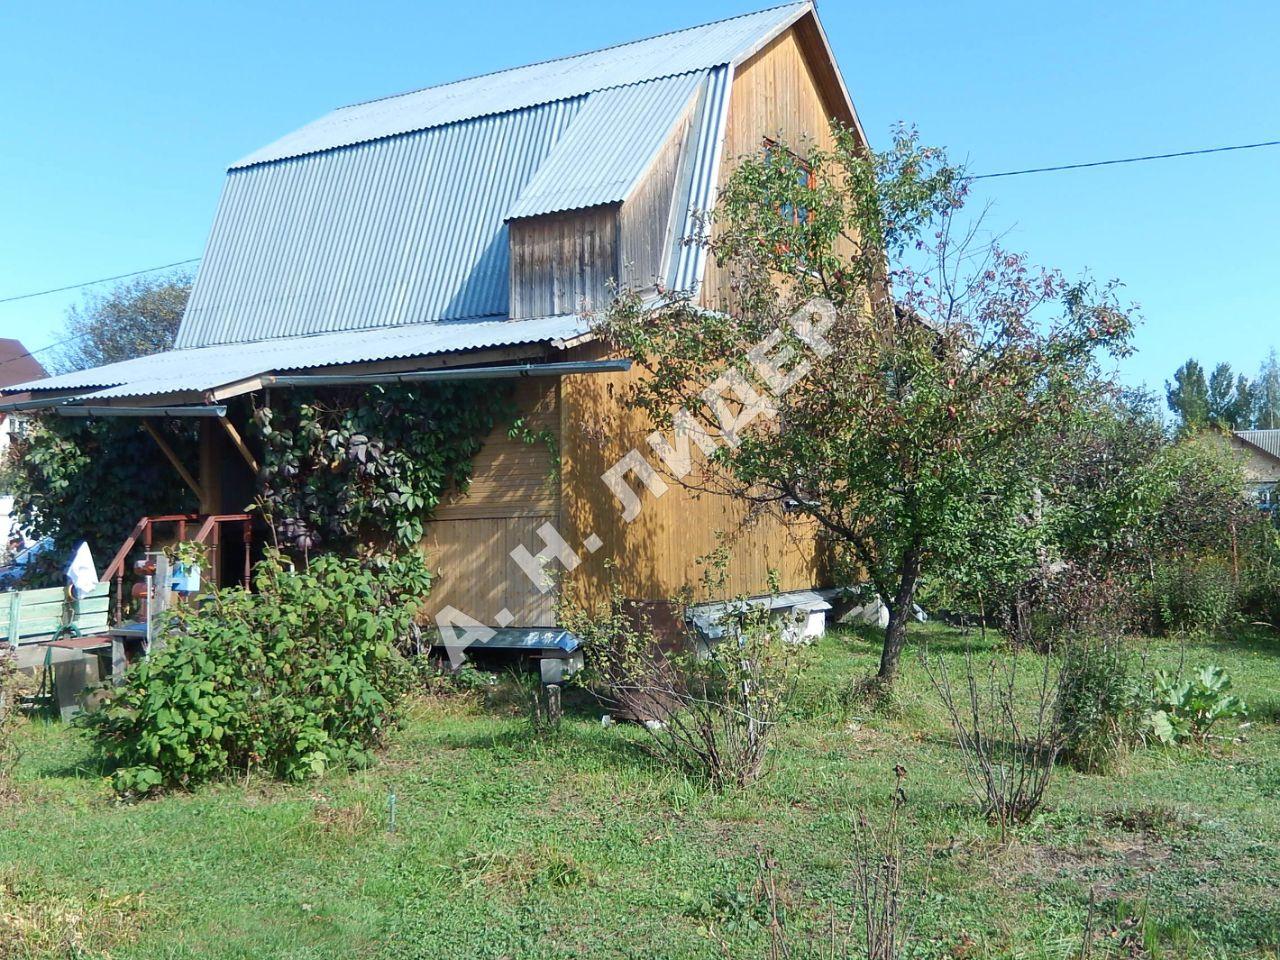 Продажа дома 50м² Московская область, Электрогорск - база ЦИАН, объявление 235262521